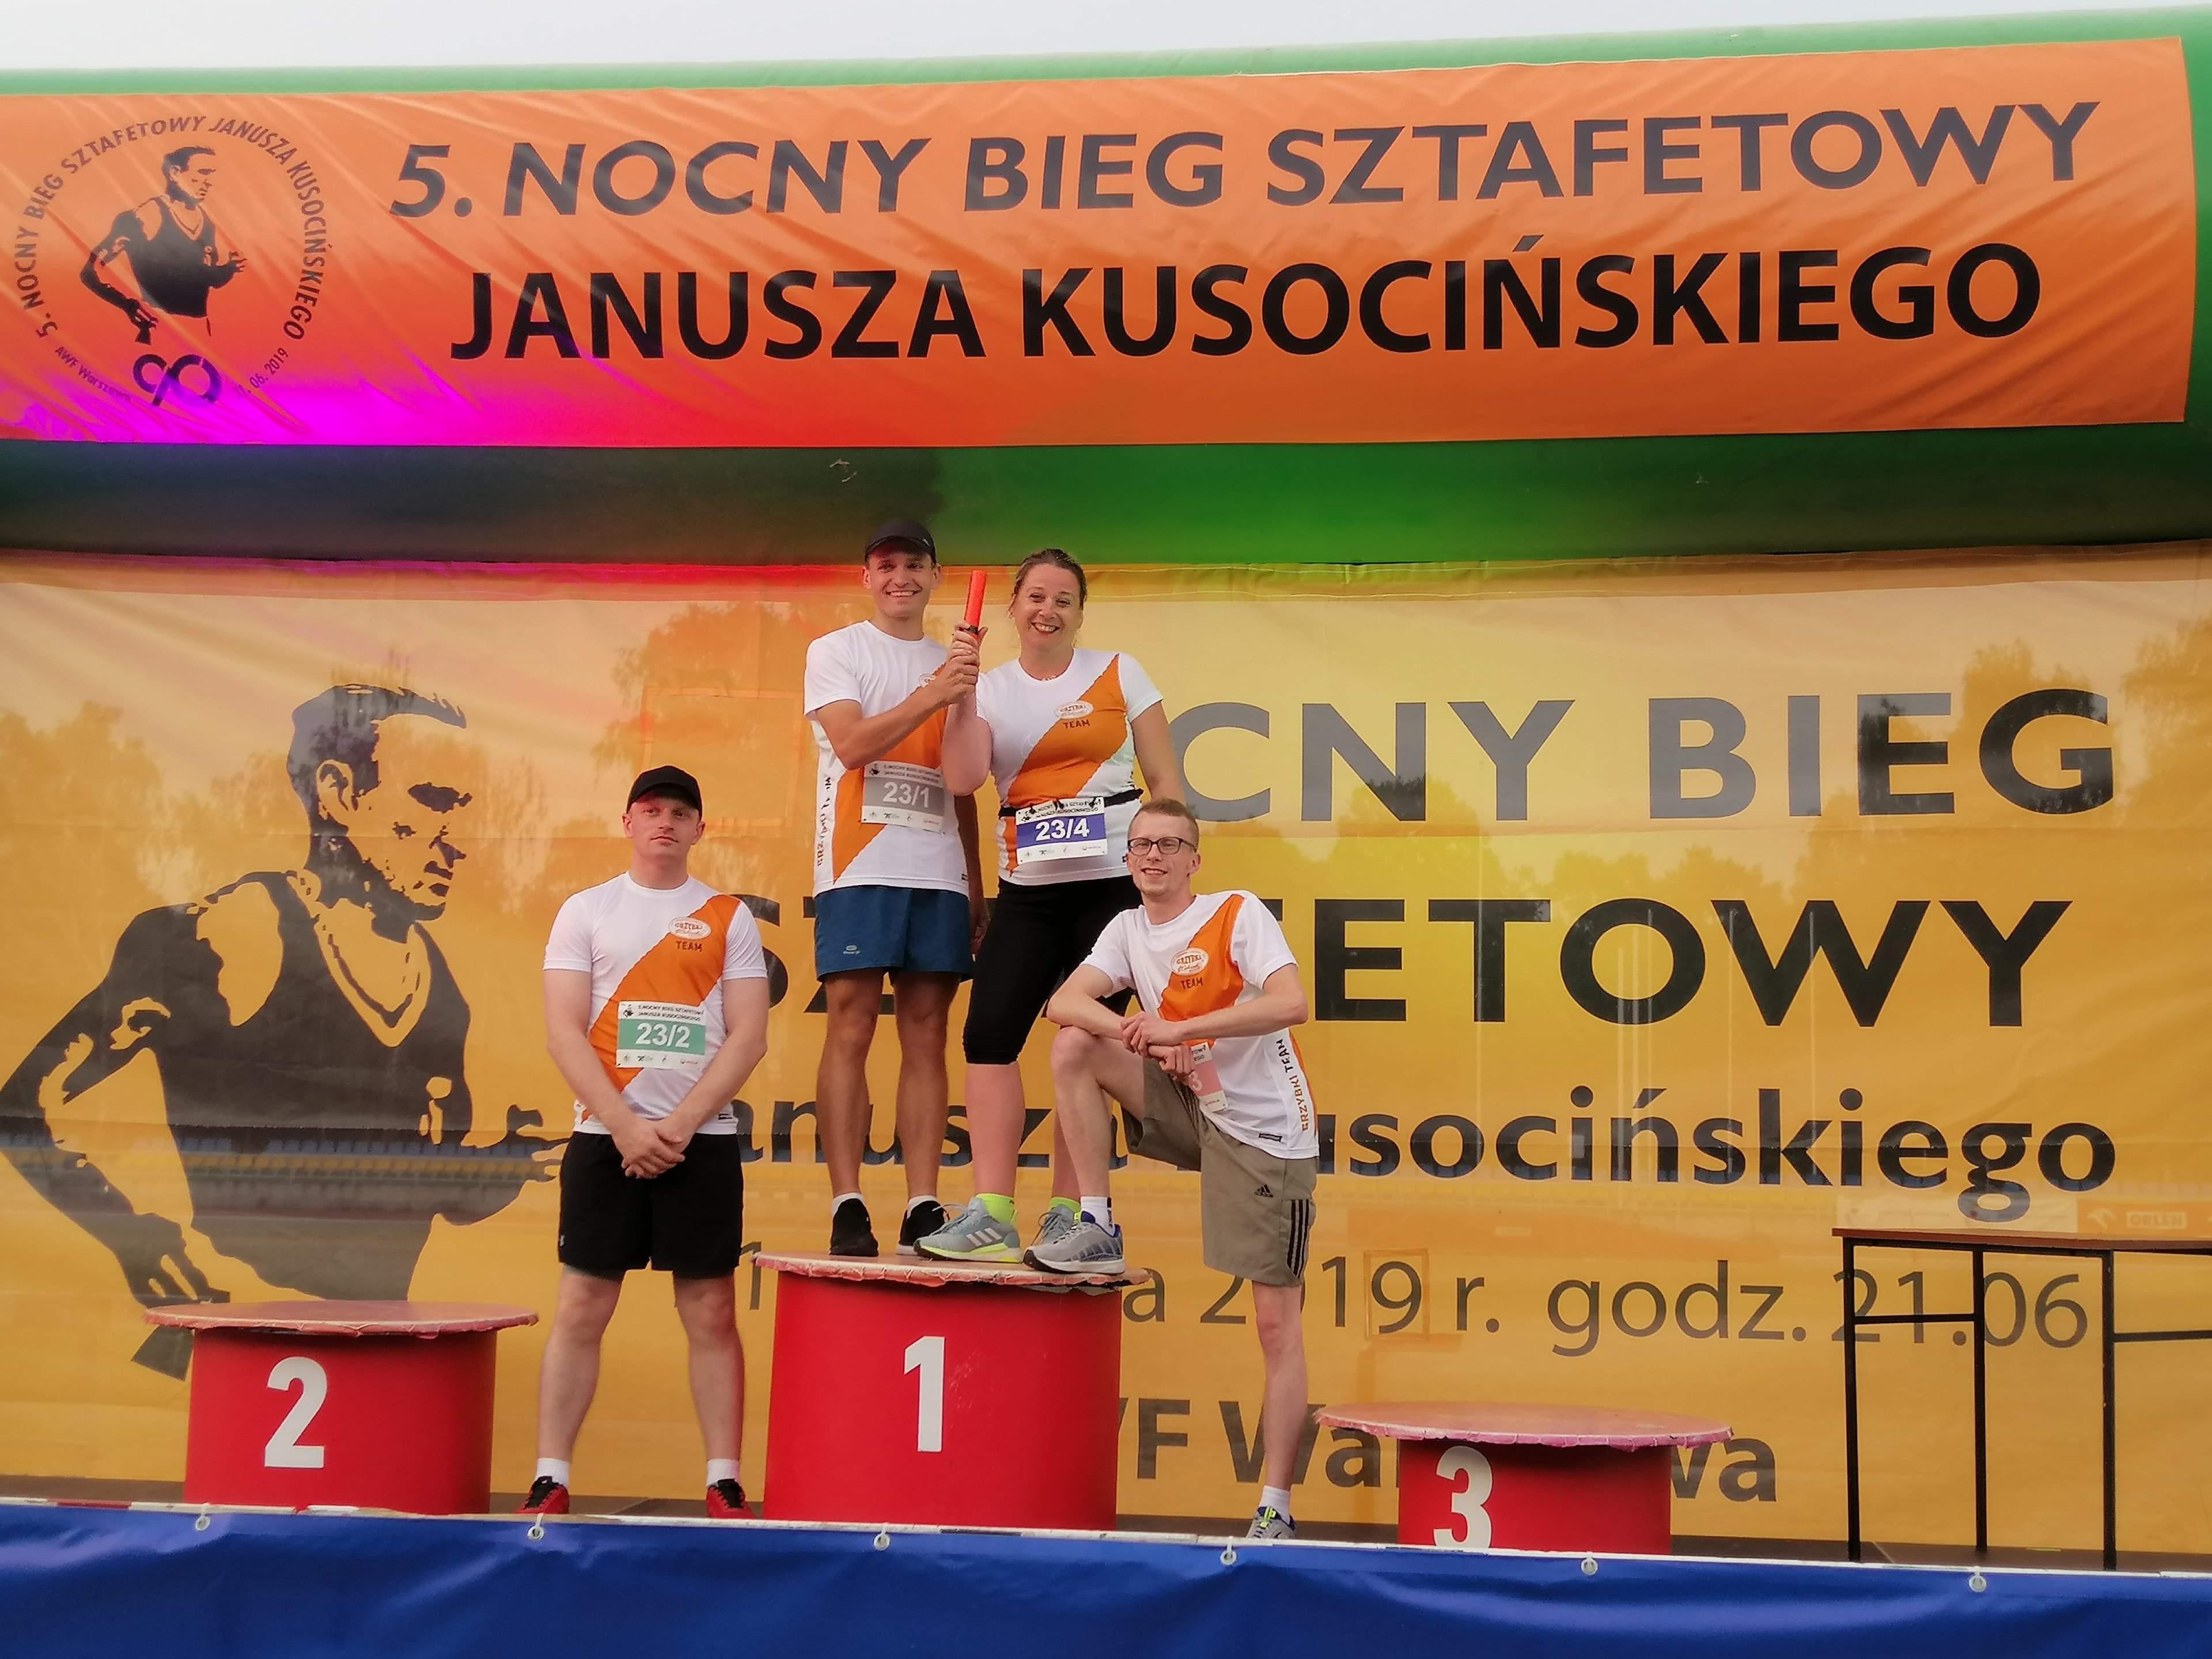 Nasz Dream Team - Ania, Damian, Łukasz i Przemek :)   5. Nocny Bieg Sztafetowy Janusza Kusocińskiego - Warszawa 21 czerwca 2019r.